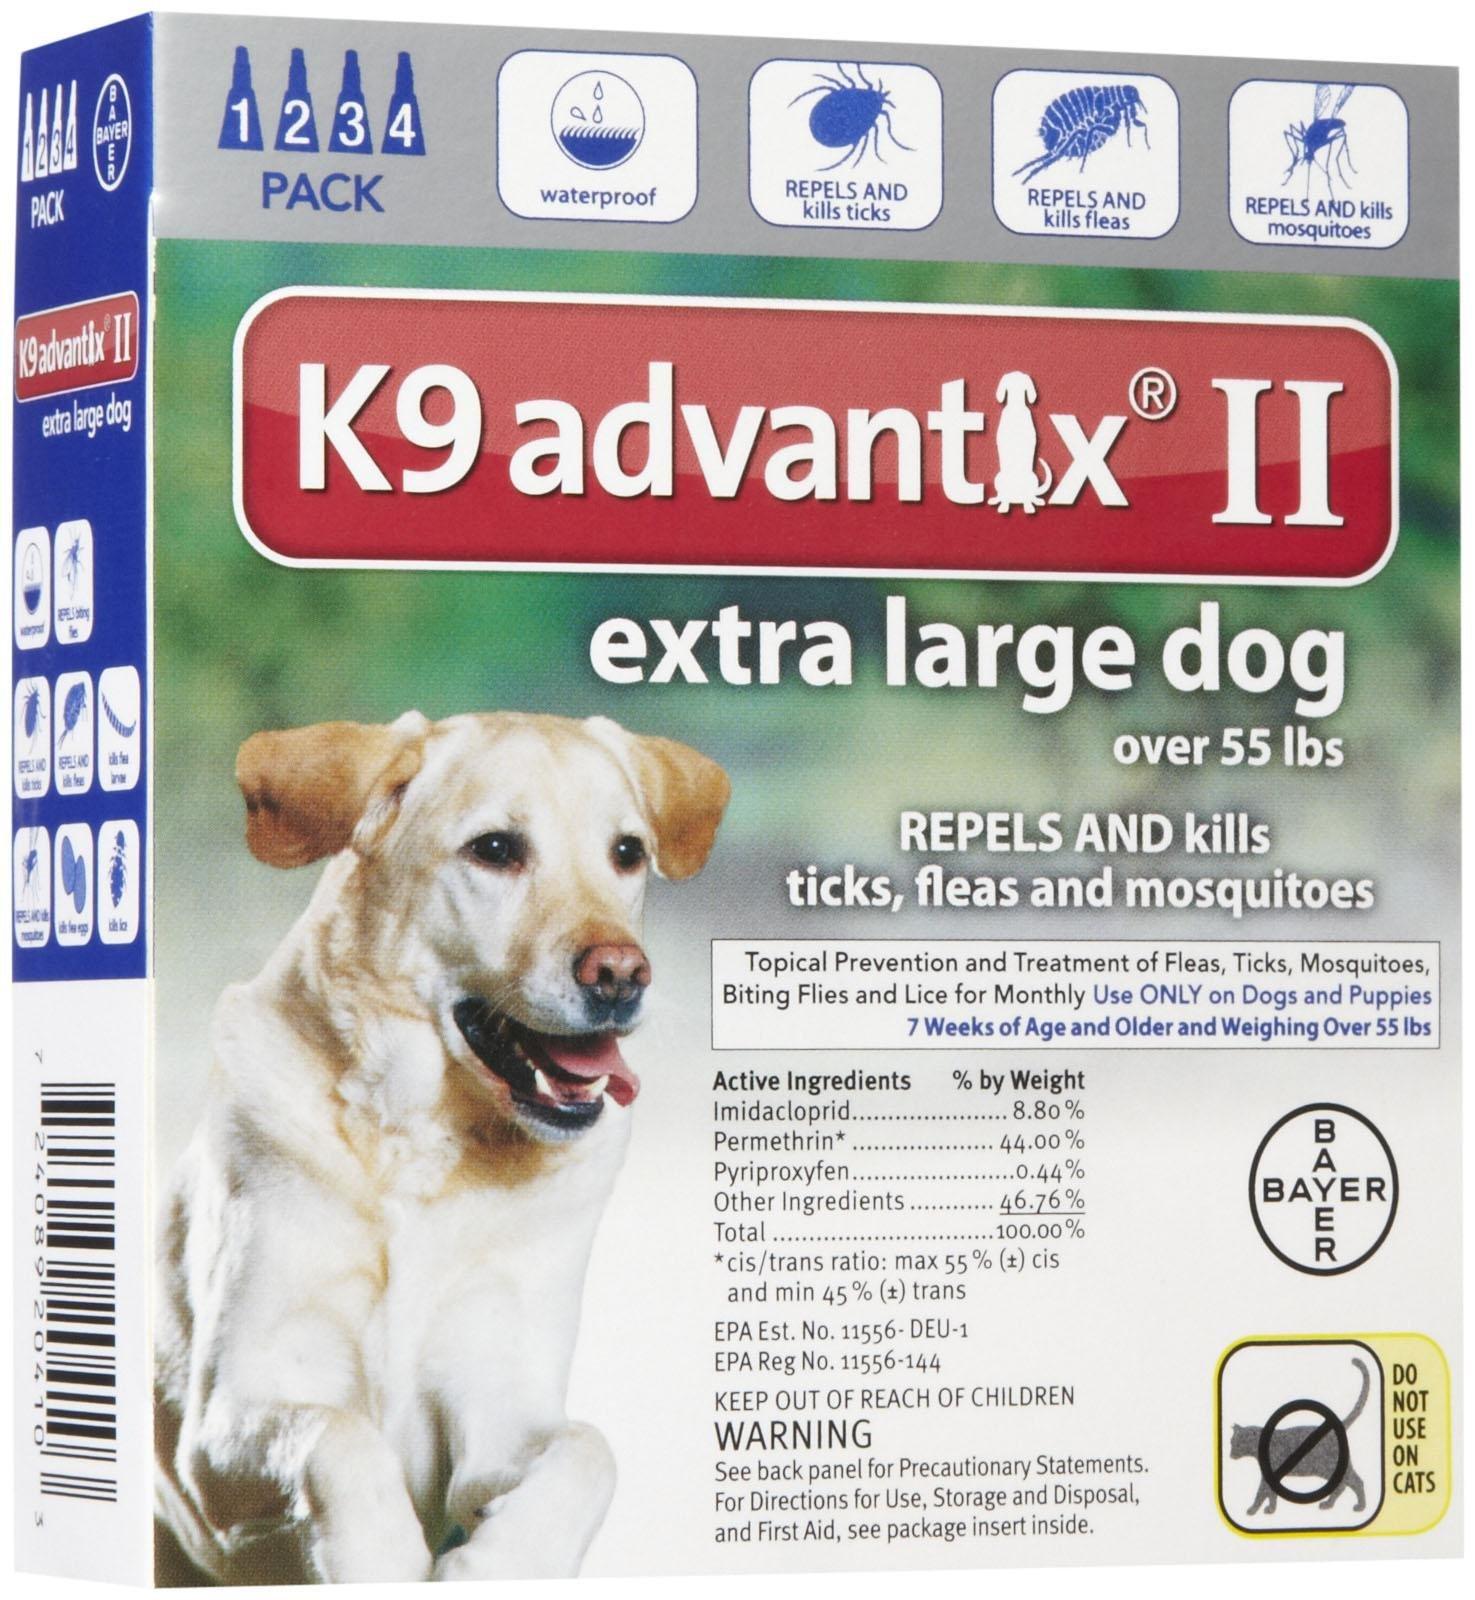 Bayer Animal Health K9 Advantix II Extra Large Dog 4-Pack